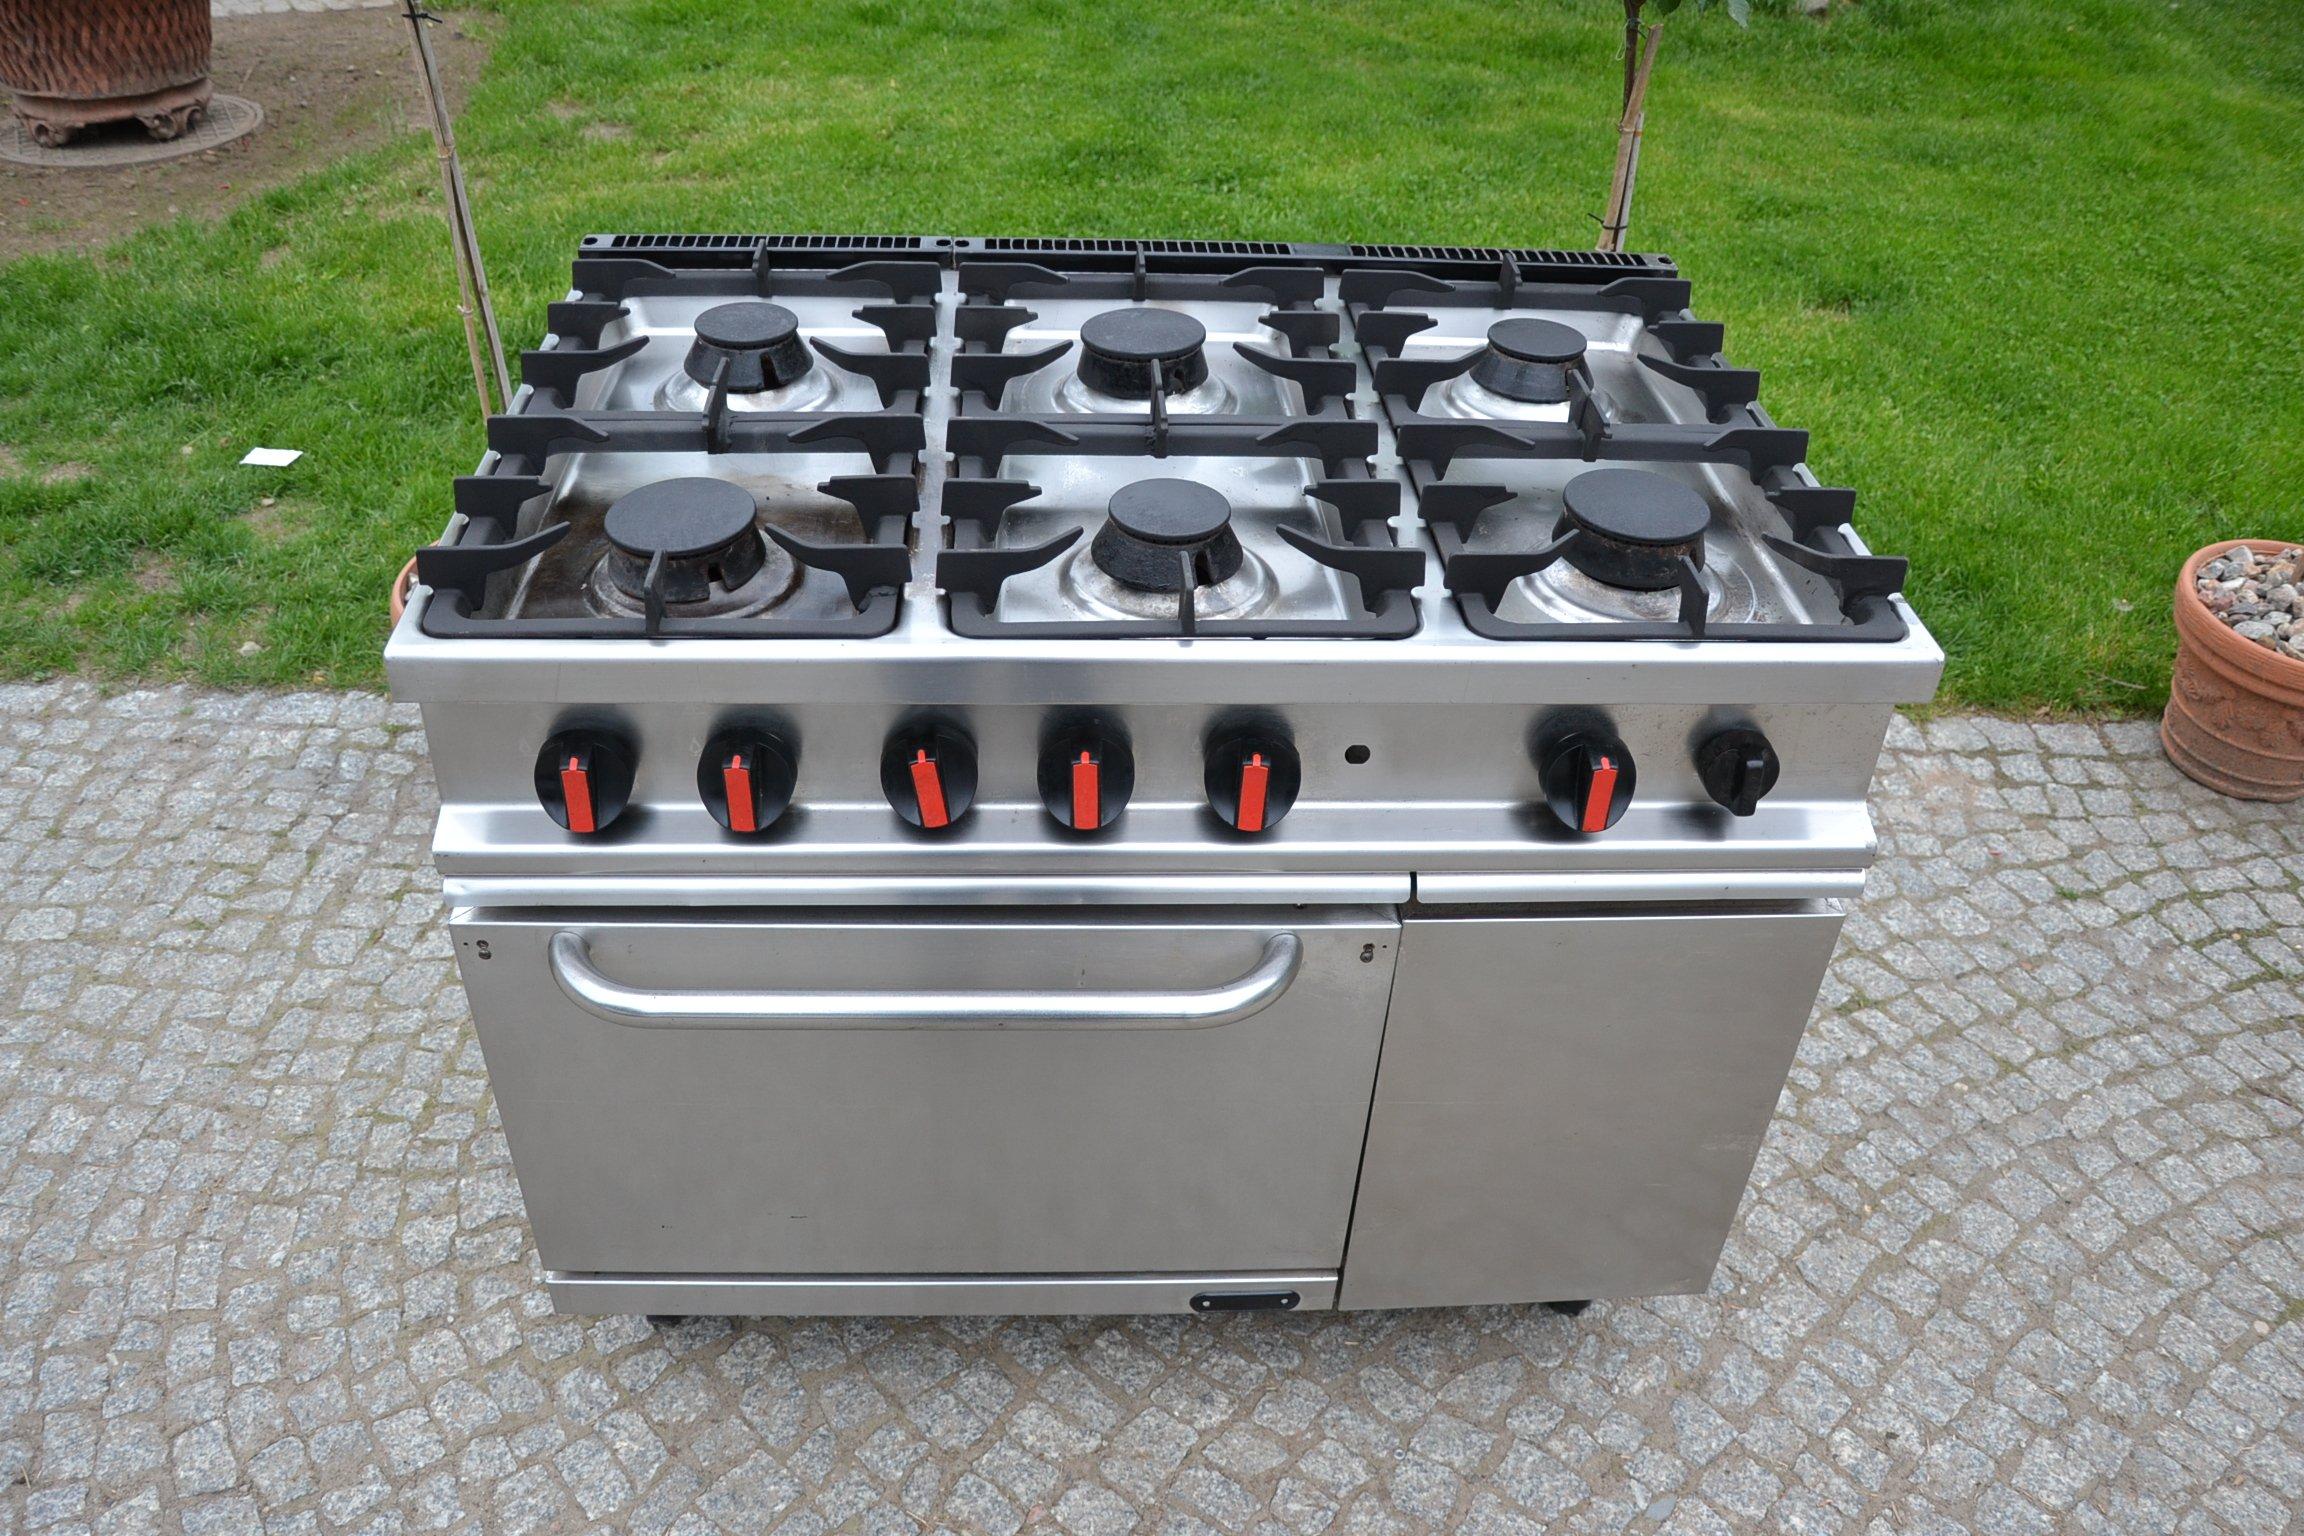 Kuchnia Gazowa 6 Palnikowa Piekarnik Gazowy 105x70